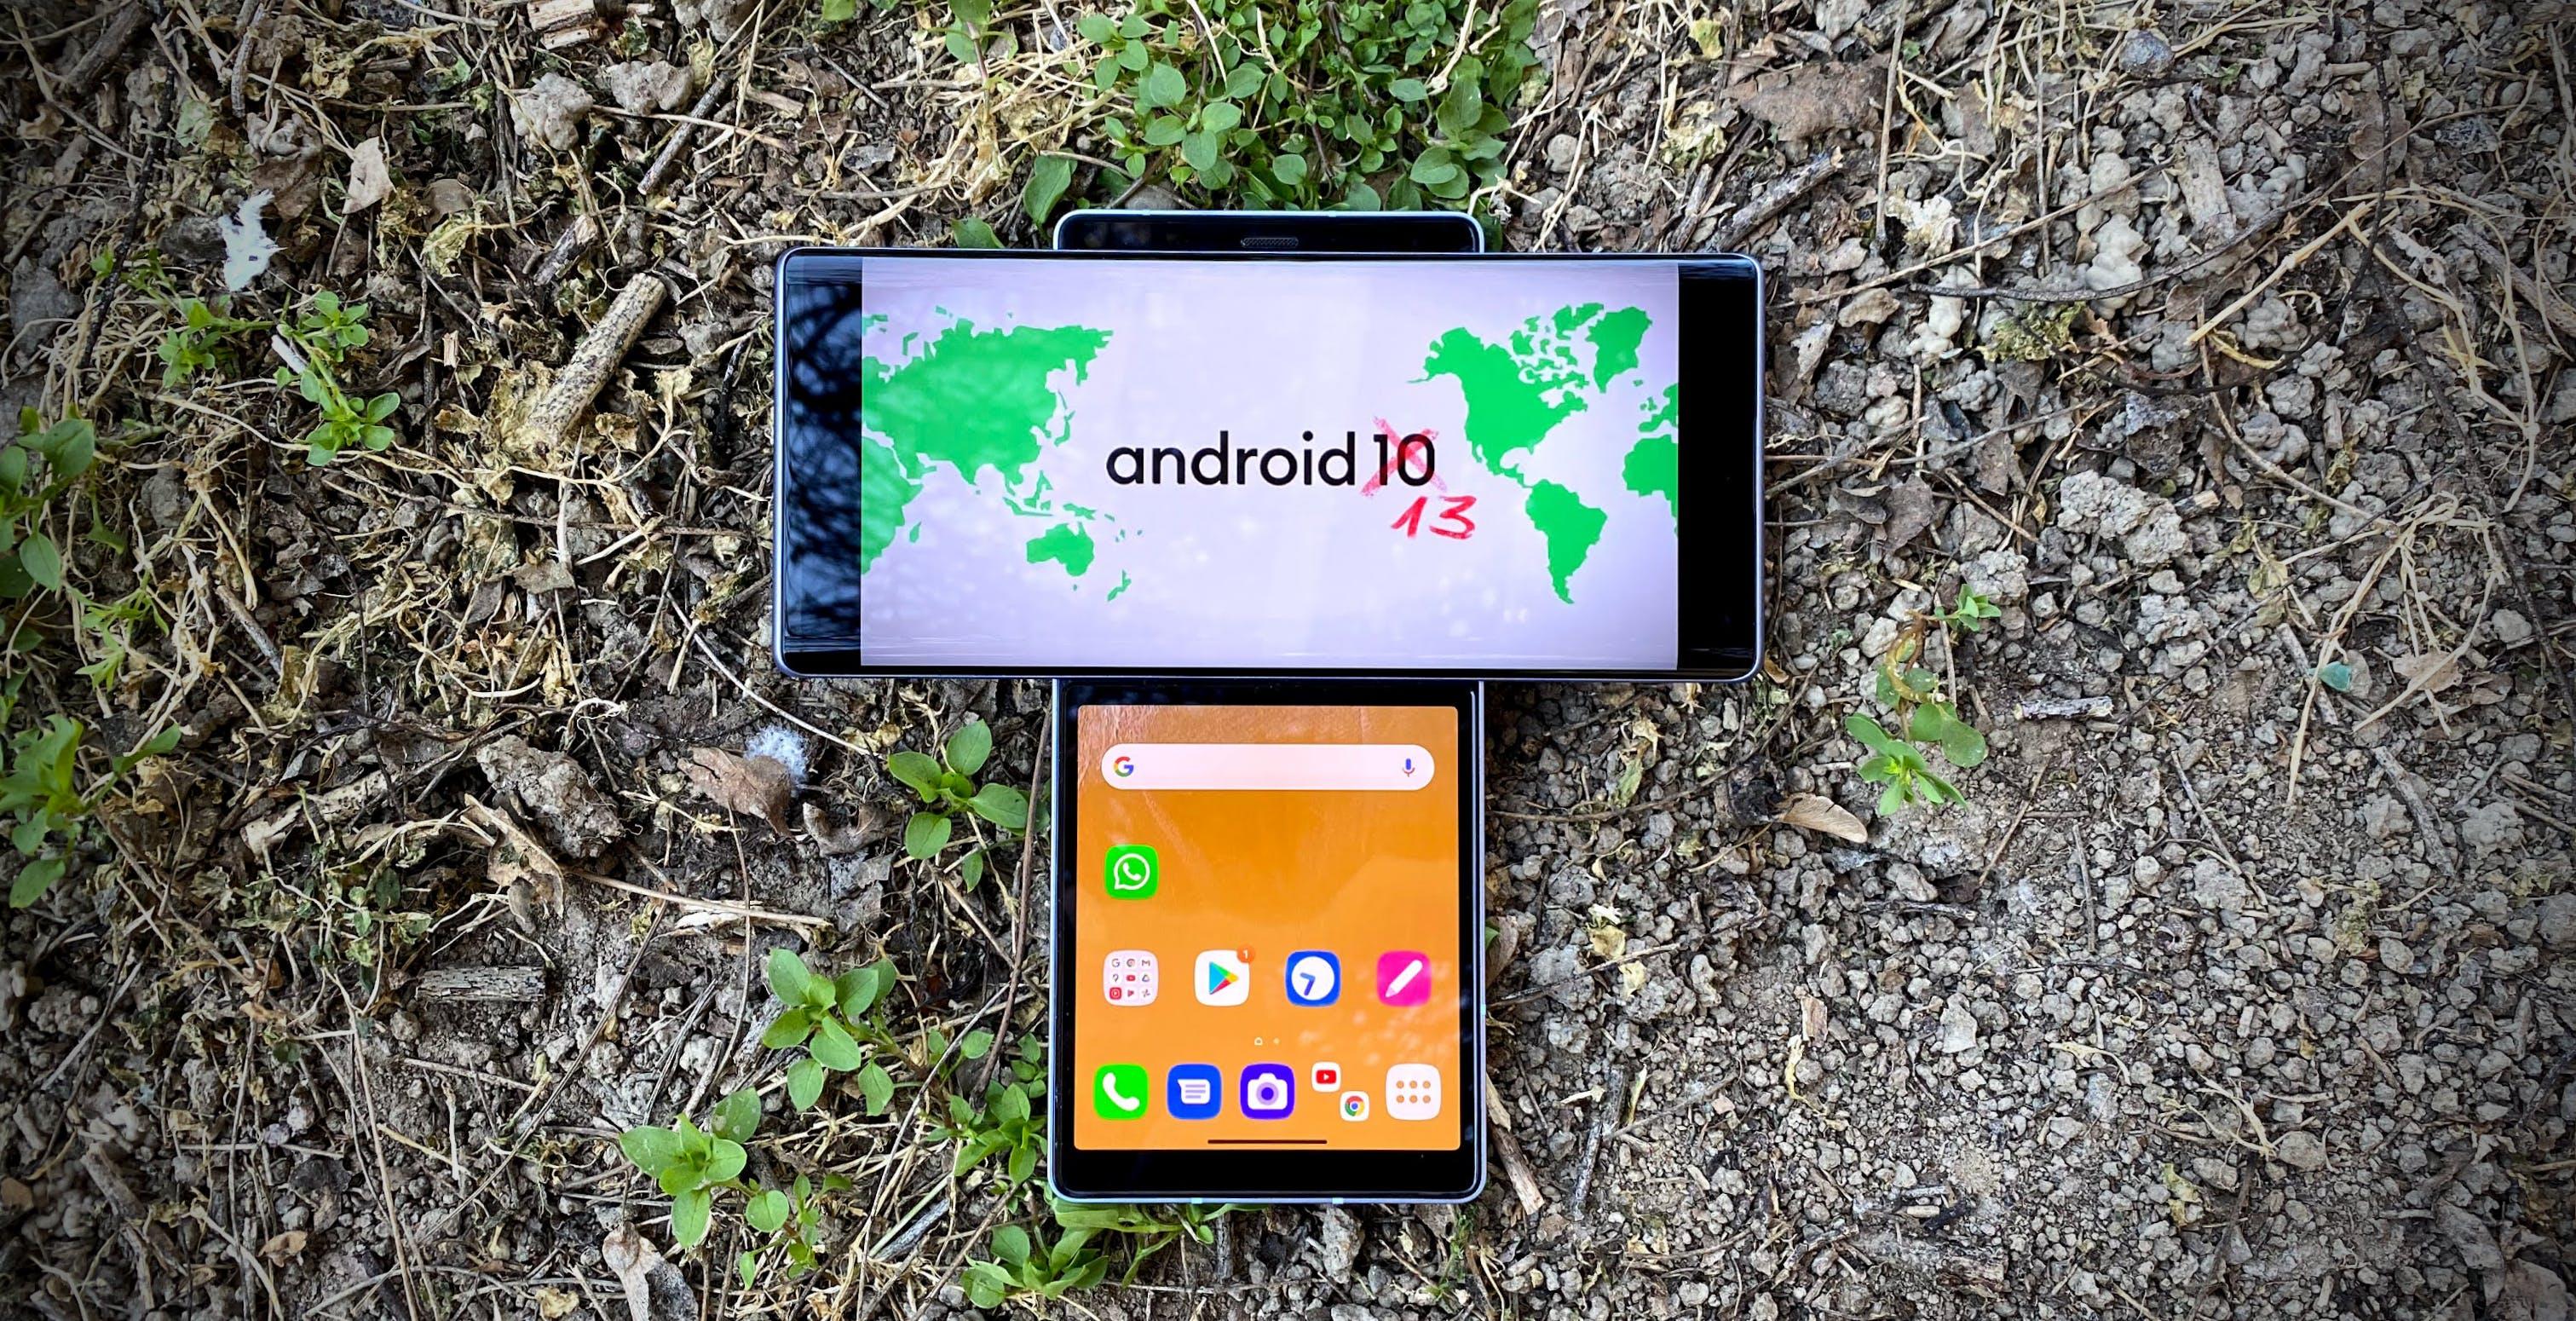 LG promette tre aggiornamenti Android per gli smartphone premium che ha deciso di non produrre più